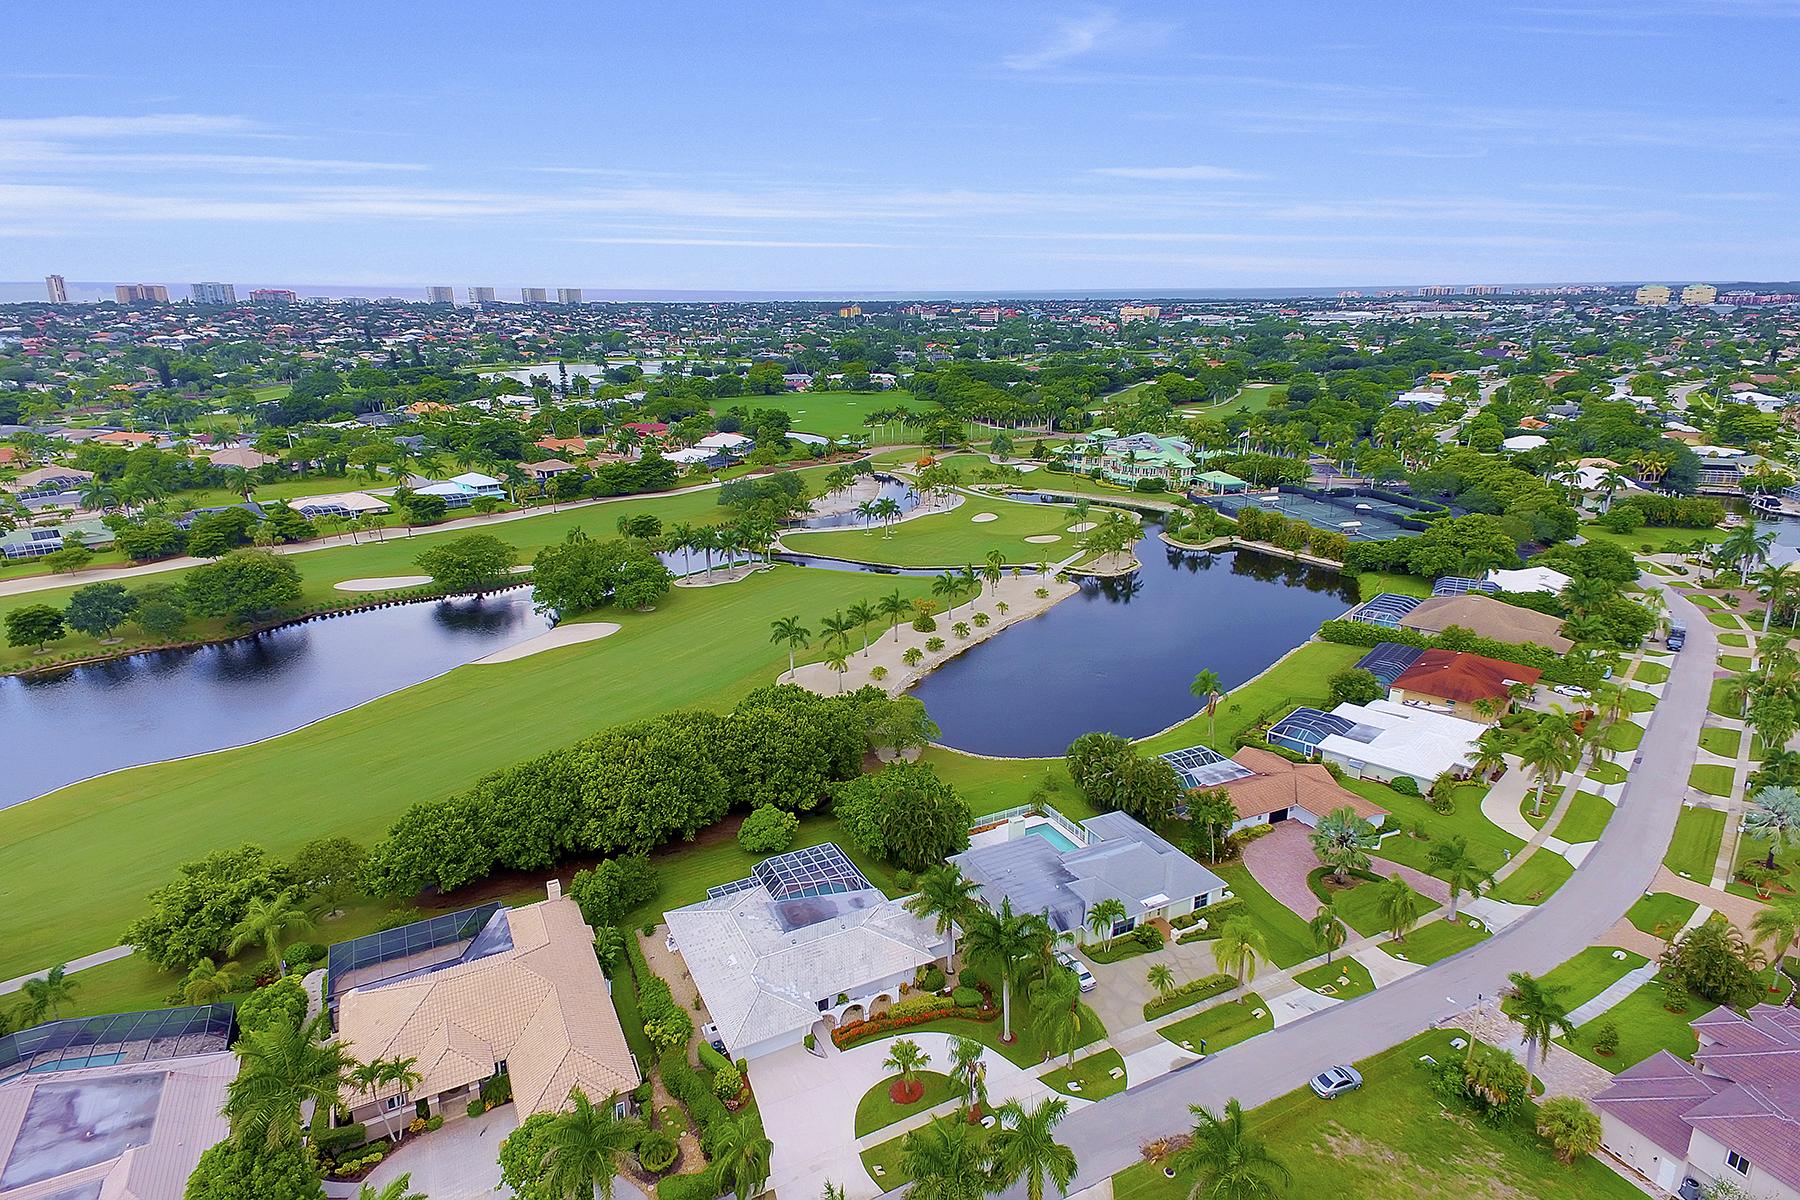 Частный односемейный дом для того Продажа на MARCO ISLAND - NASSAU COURT 404 Nassau Ct Marco Island, Флорида, 34145 Соединенные Штаты